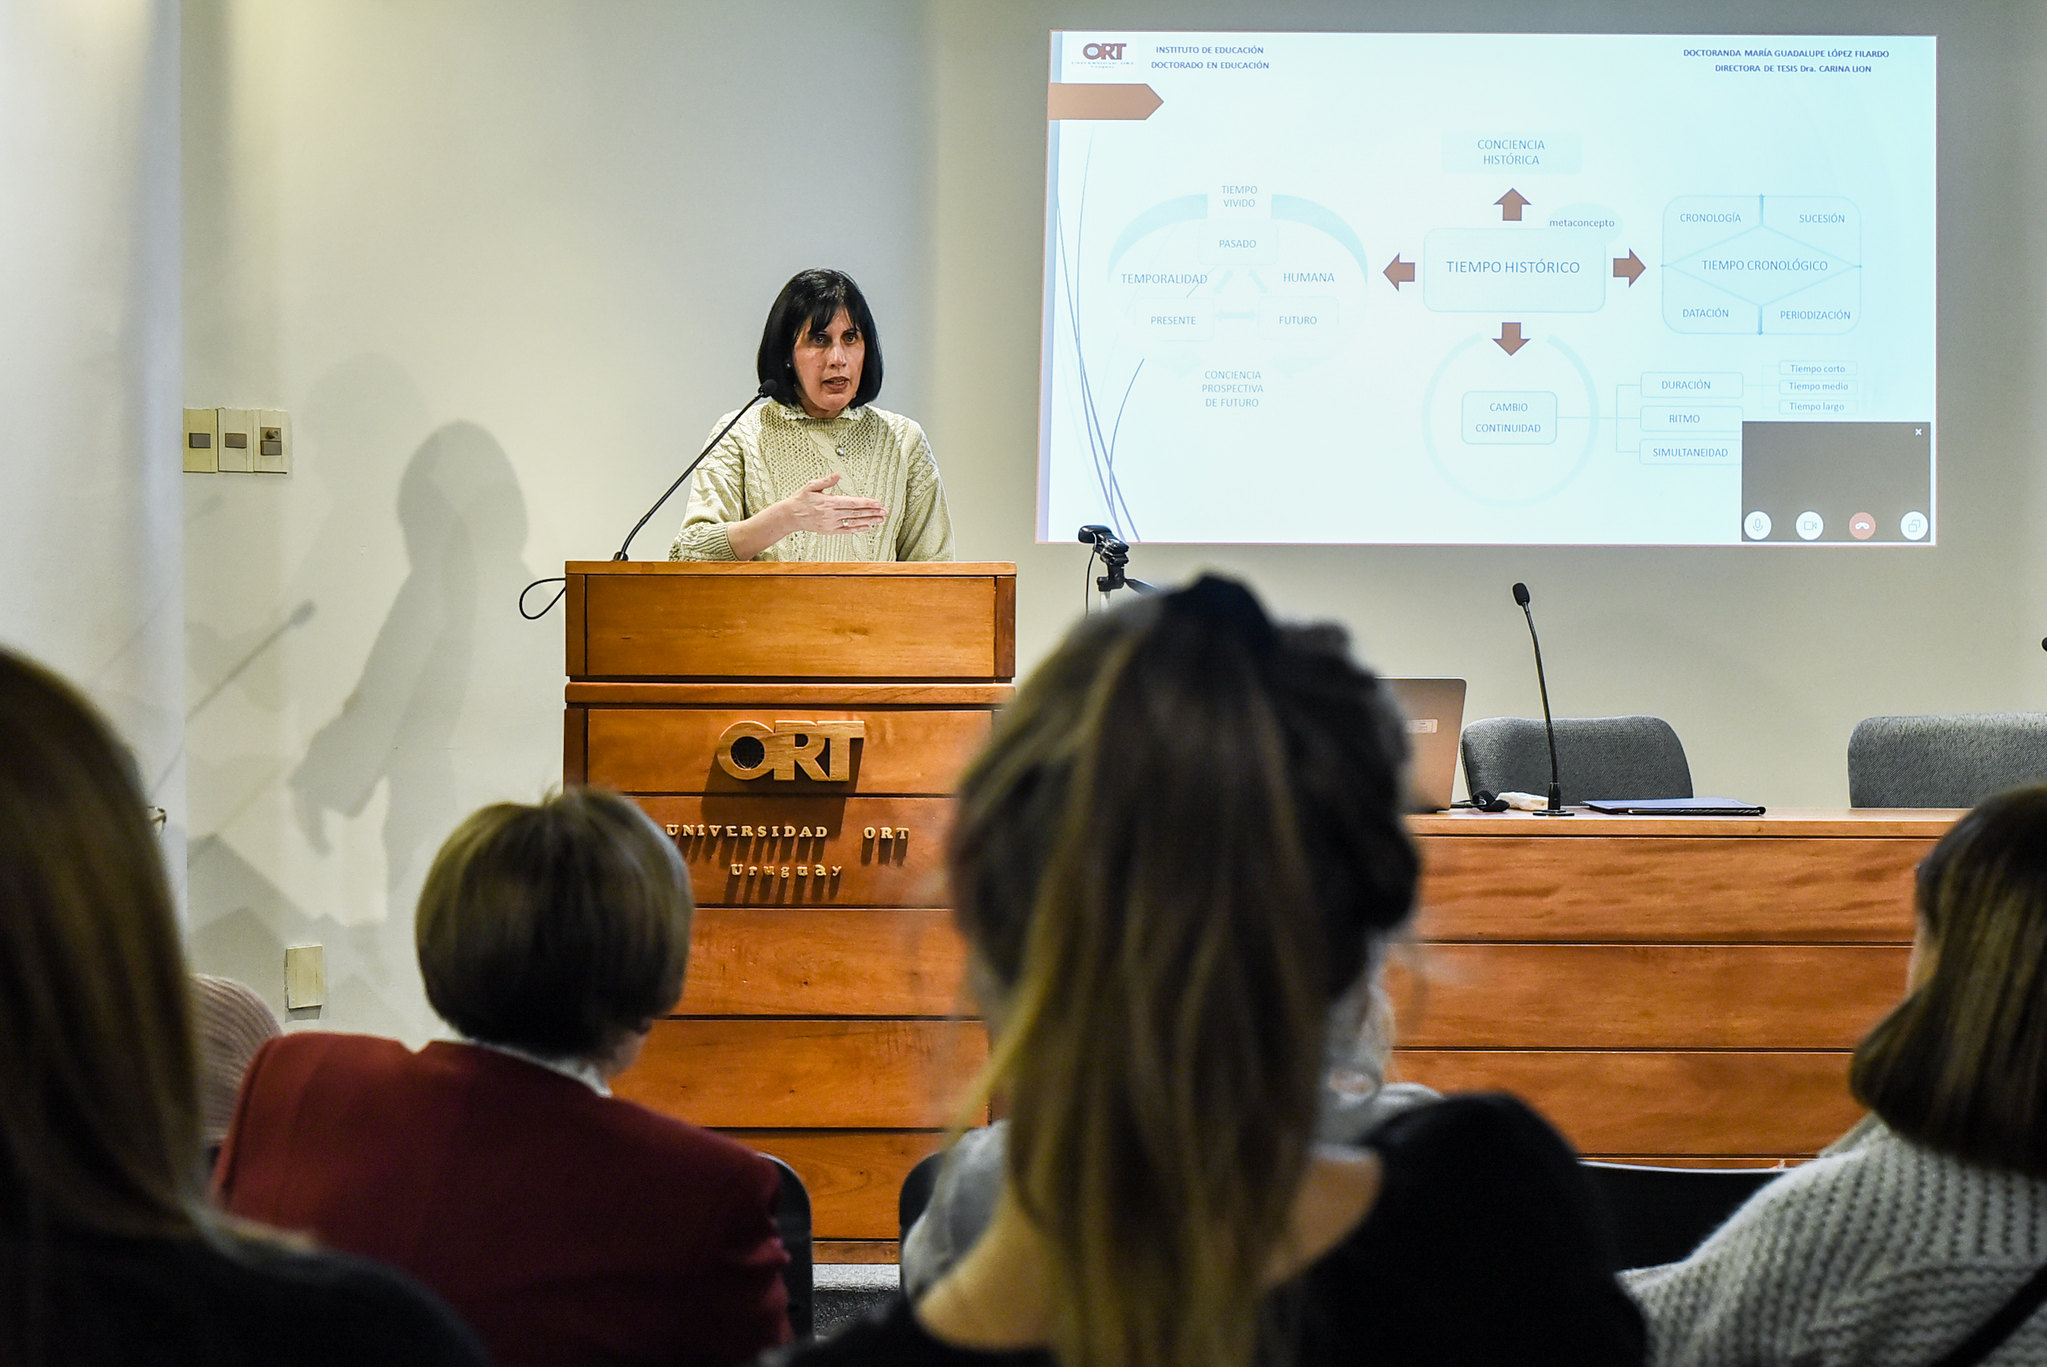 Defensa de tesis doctoral de Guadalupe López - Julio 2019